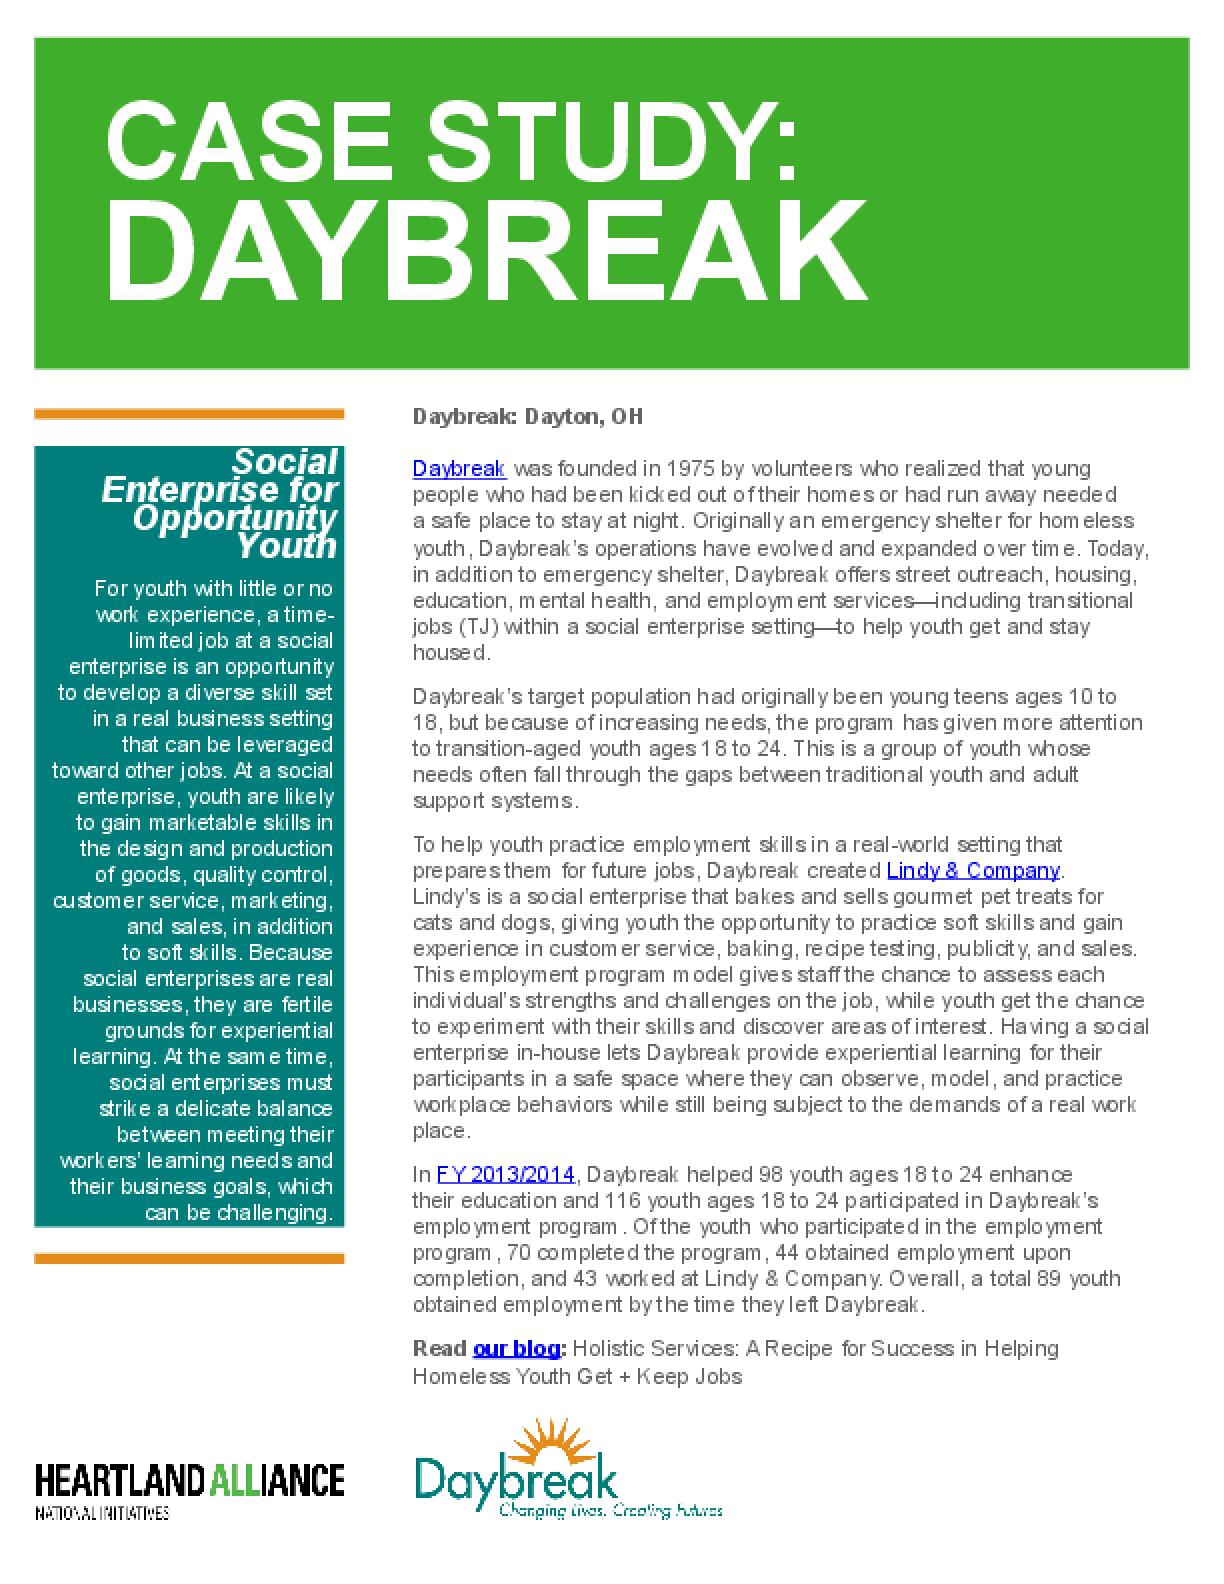 Opportunity Youth Employment Program Case Study: Daybreak